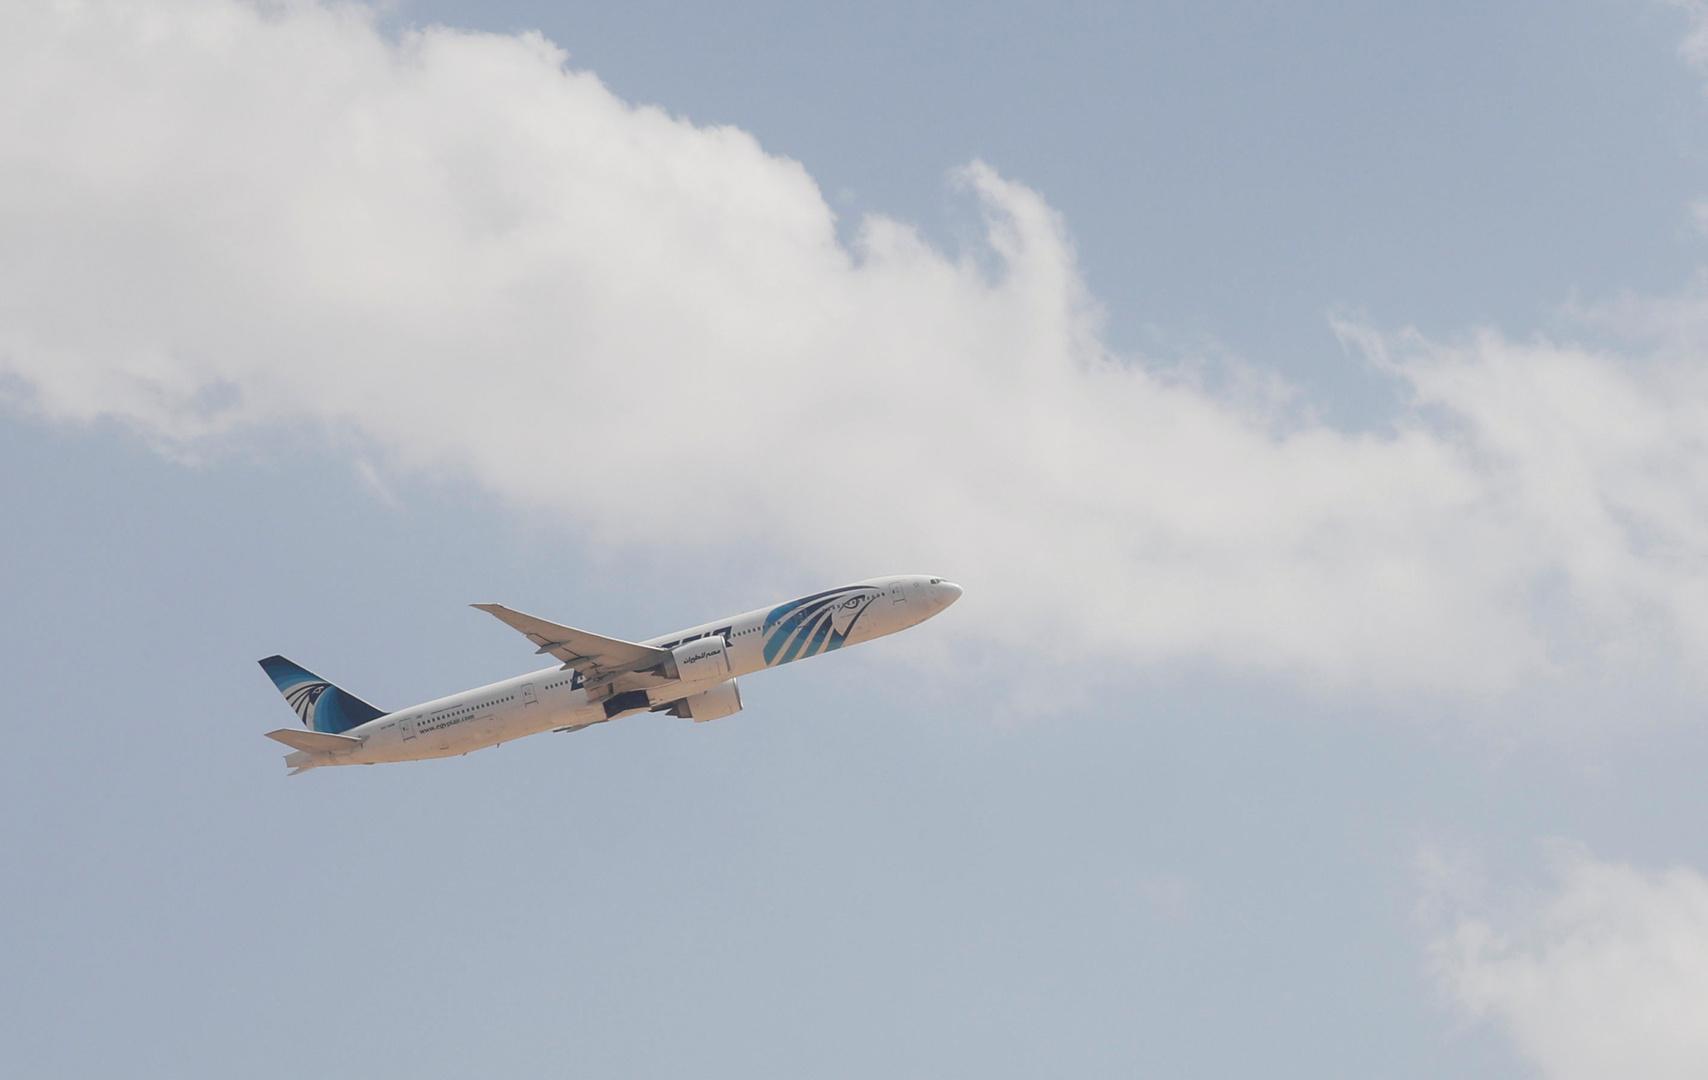 مصر تعلن عن شروط إلزامية لسفر مواطنيها إلى الإمارات